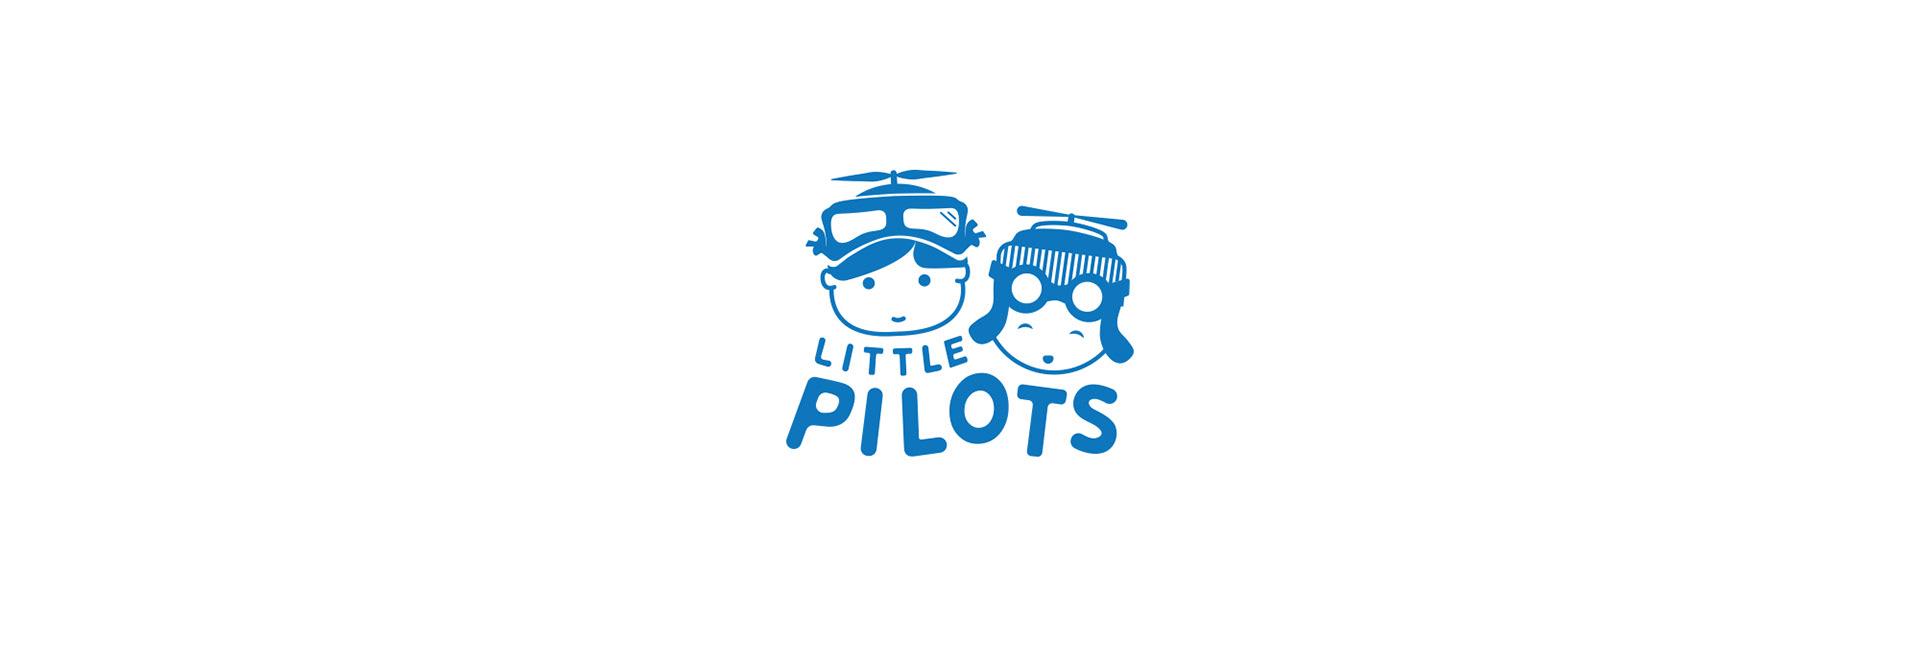 little pilots final logo